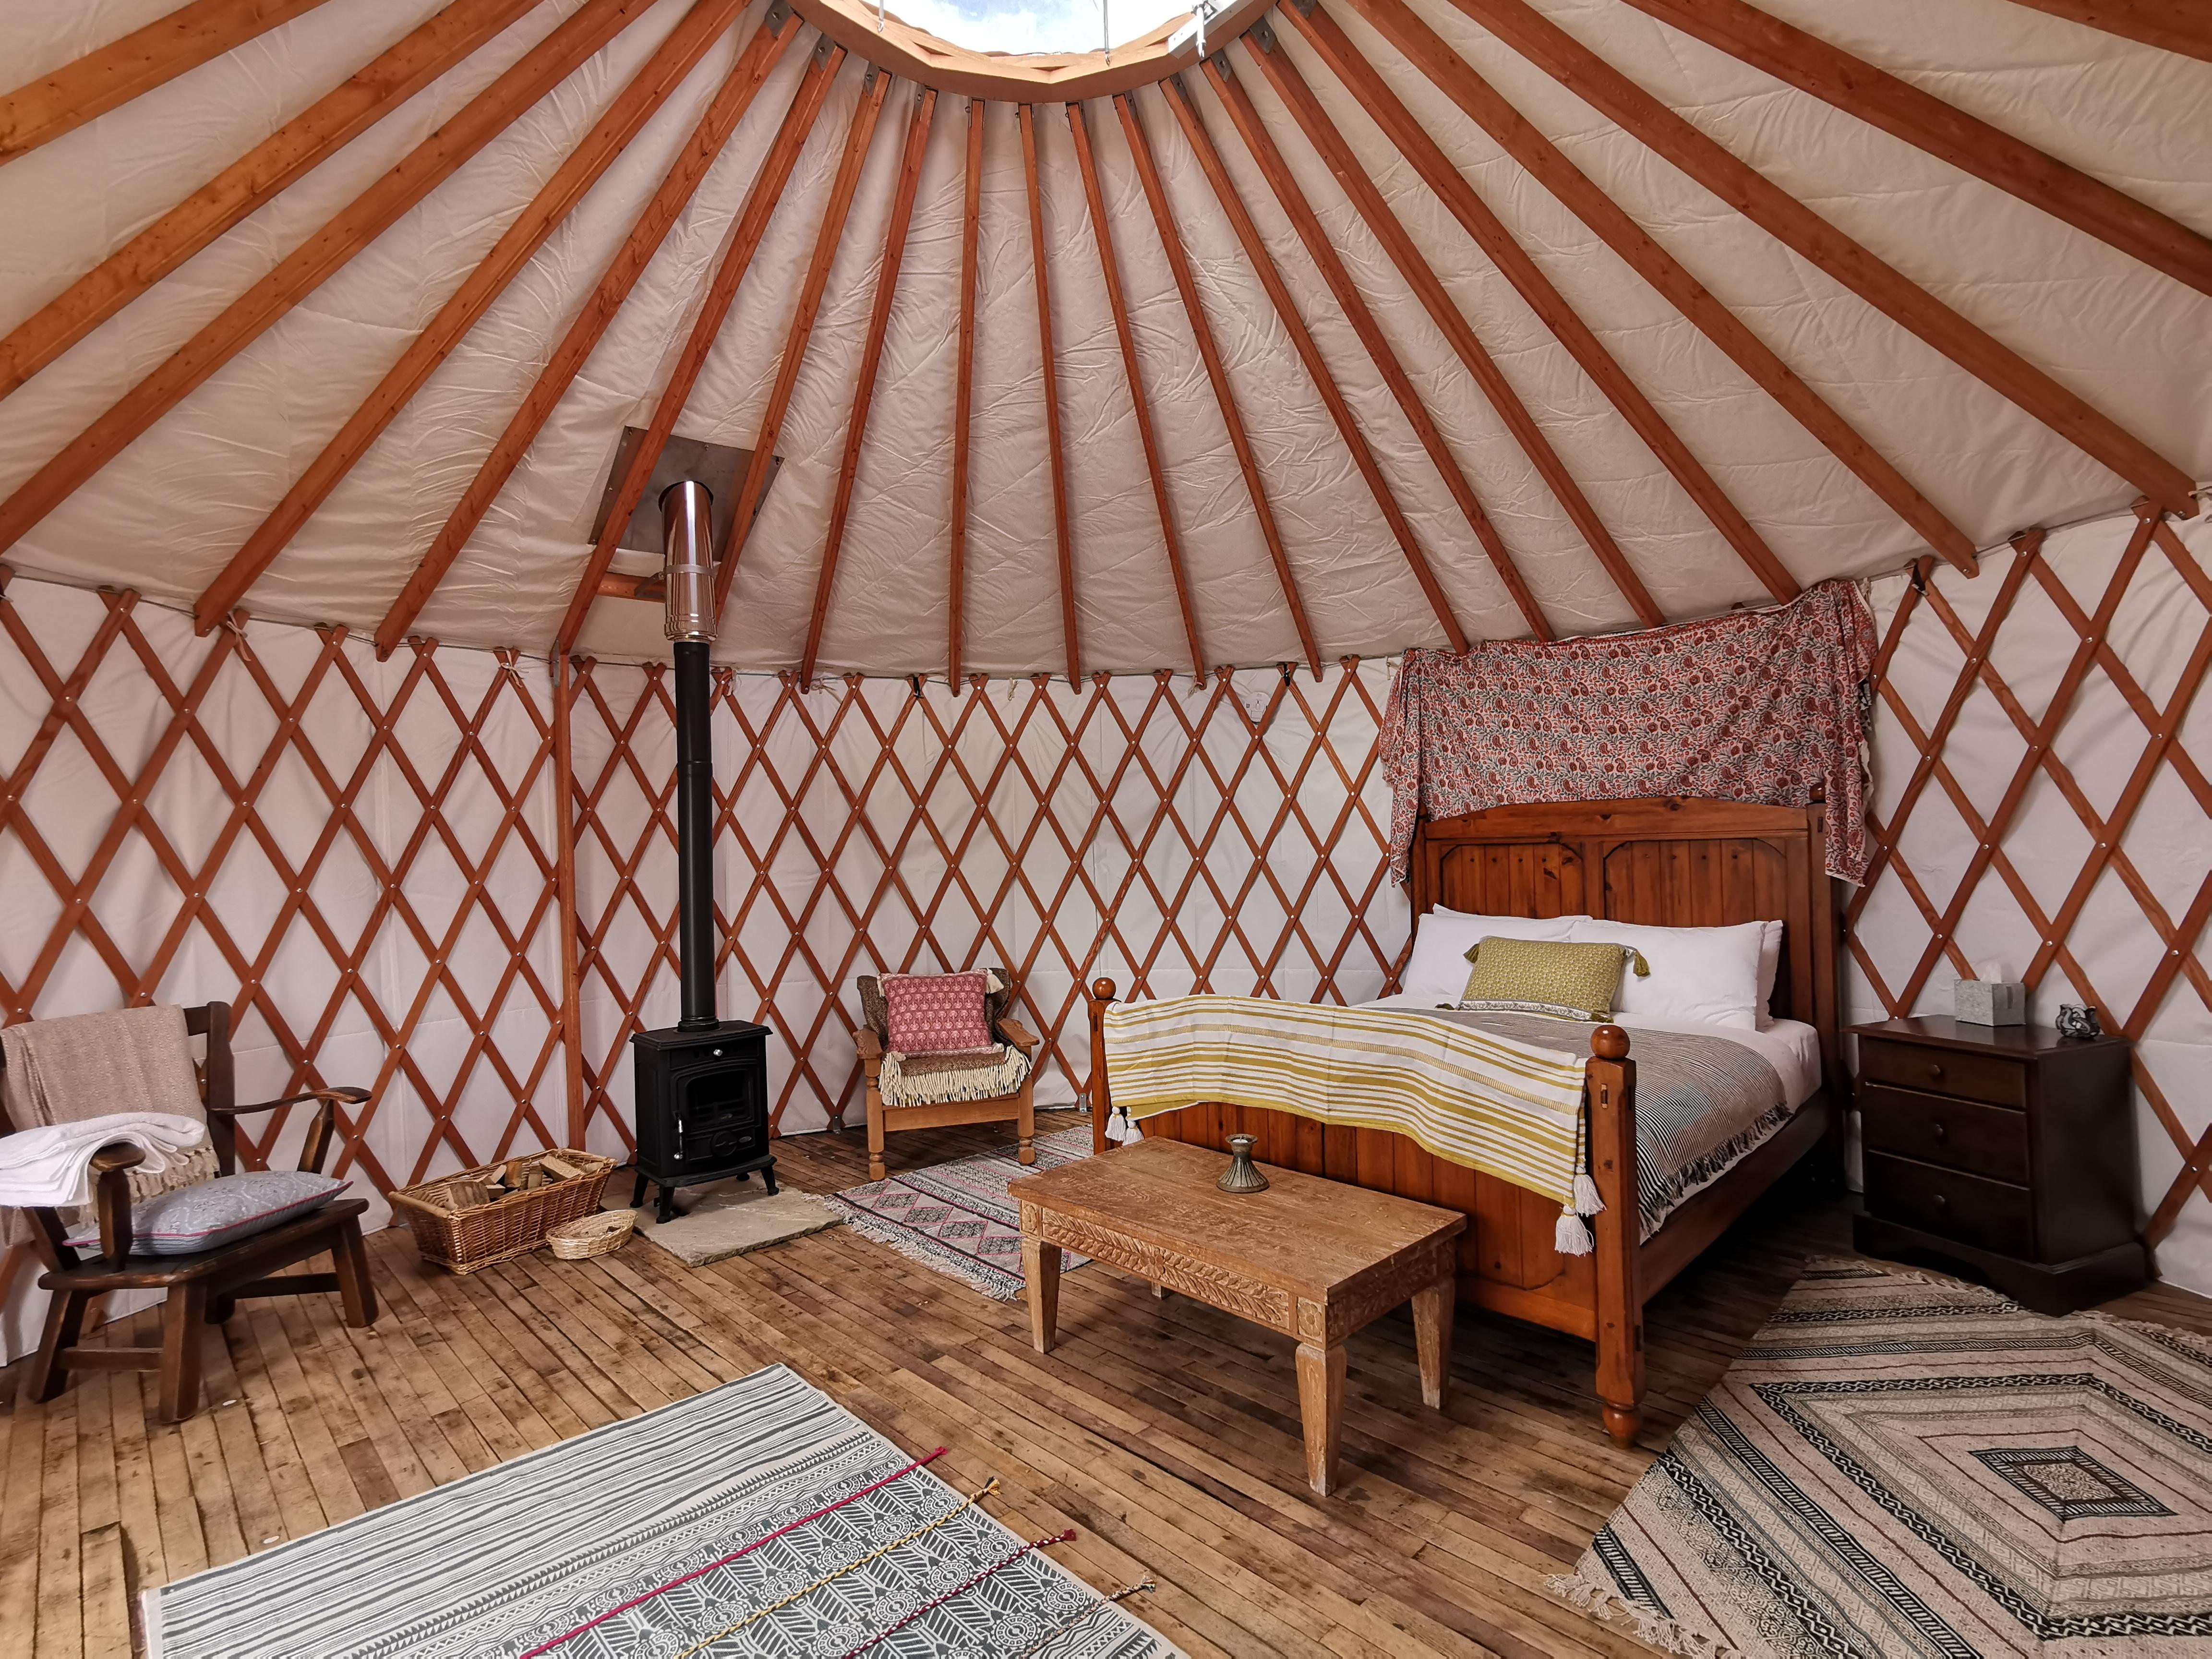 Sundew Yurt